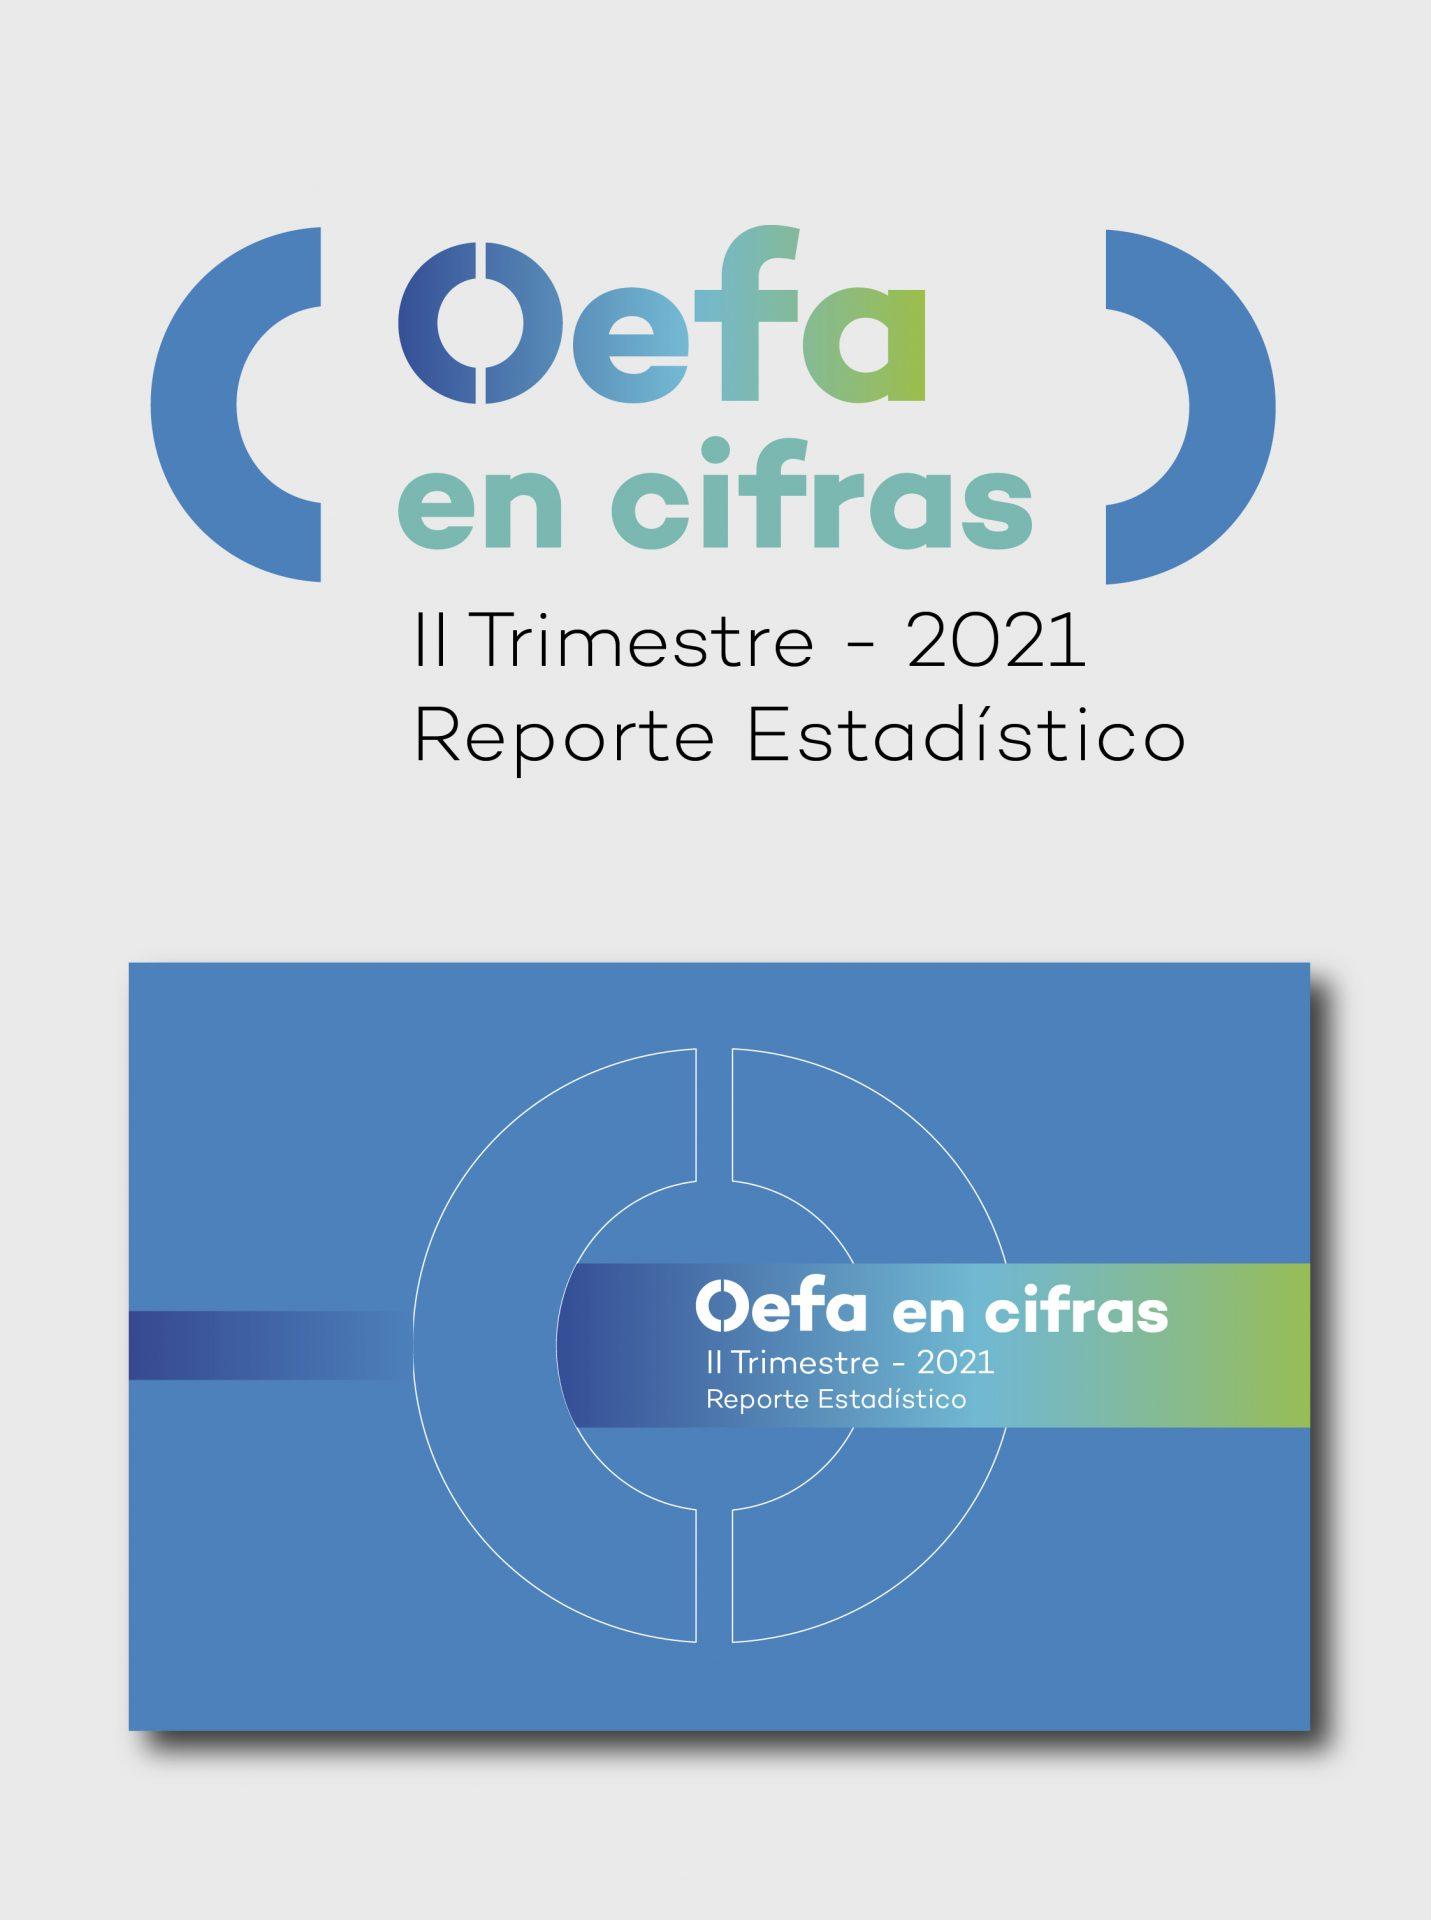 OEFA en cifras. Reporte Estadístico – II Trimestre 2021